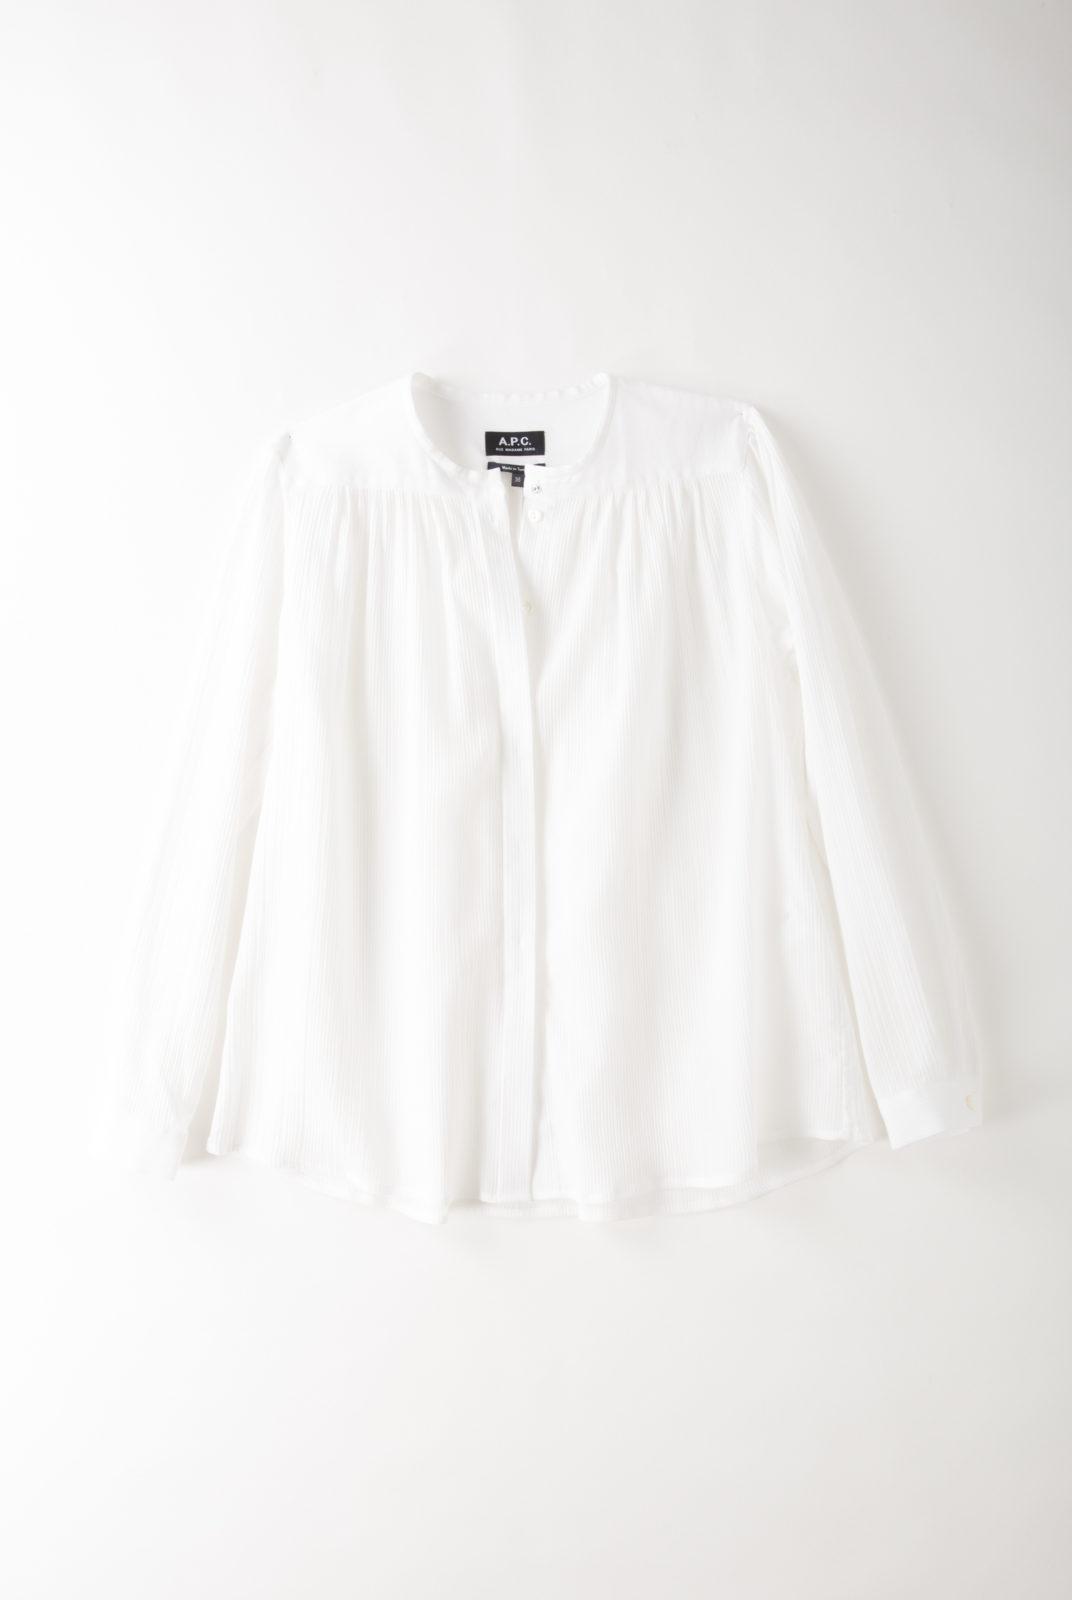 Blouse blanche en coton, col rond, matière fluide et légère, plis plat, APC